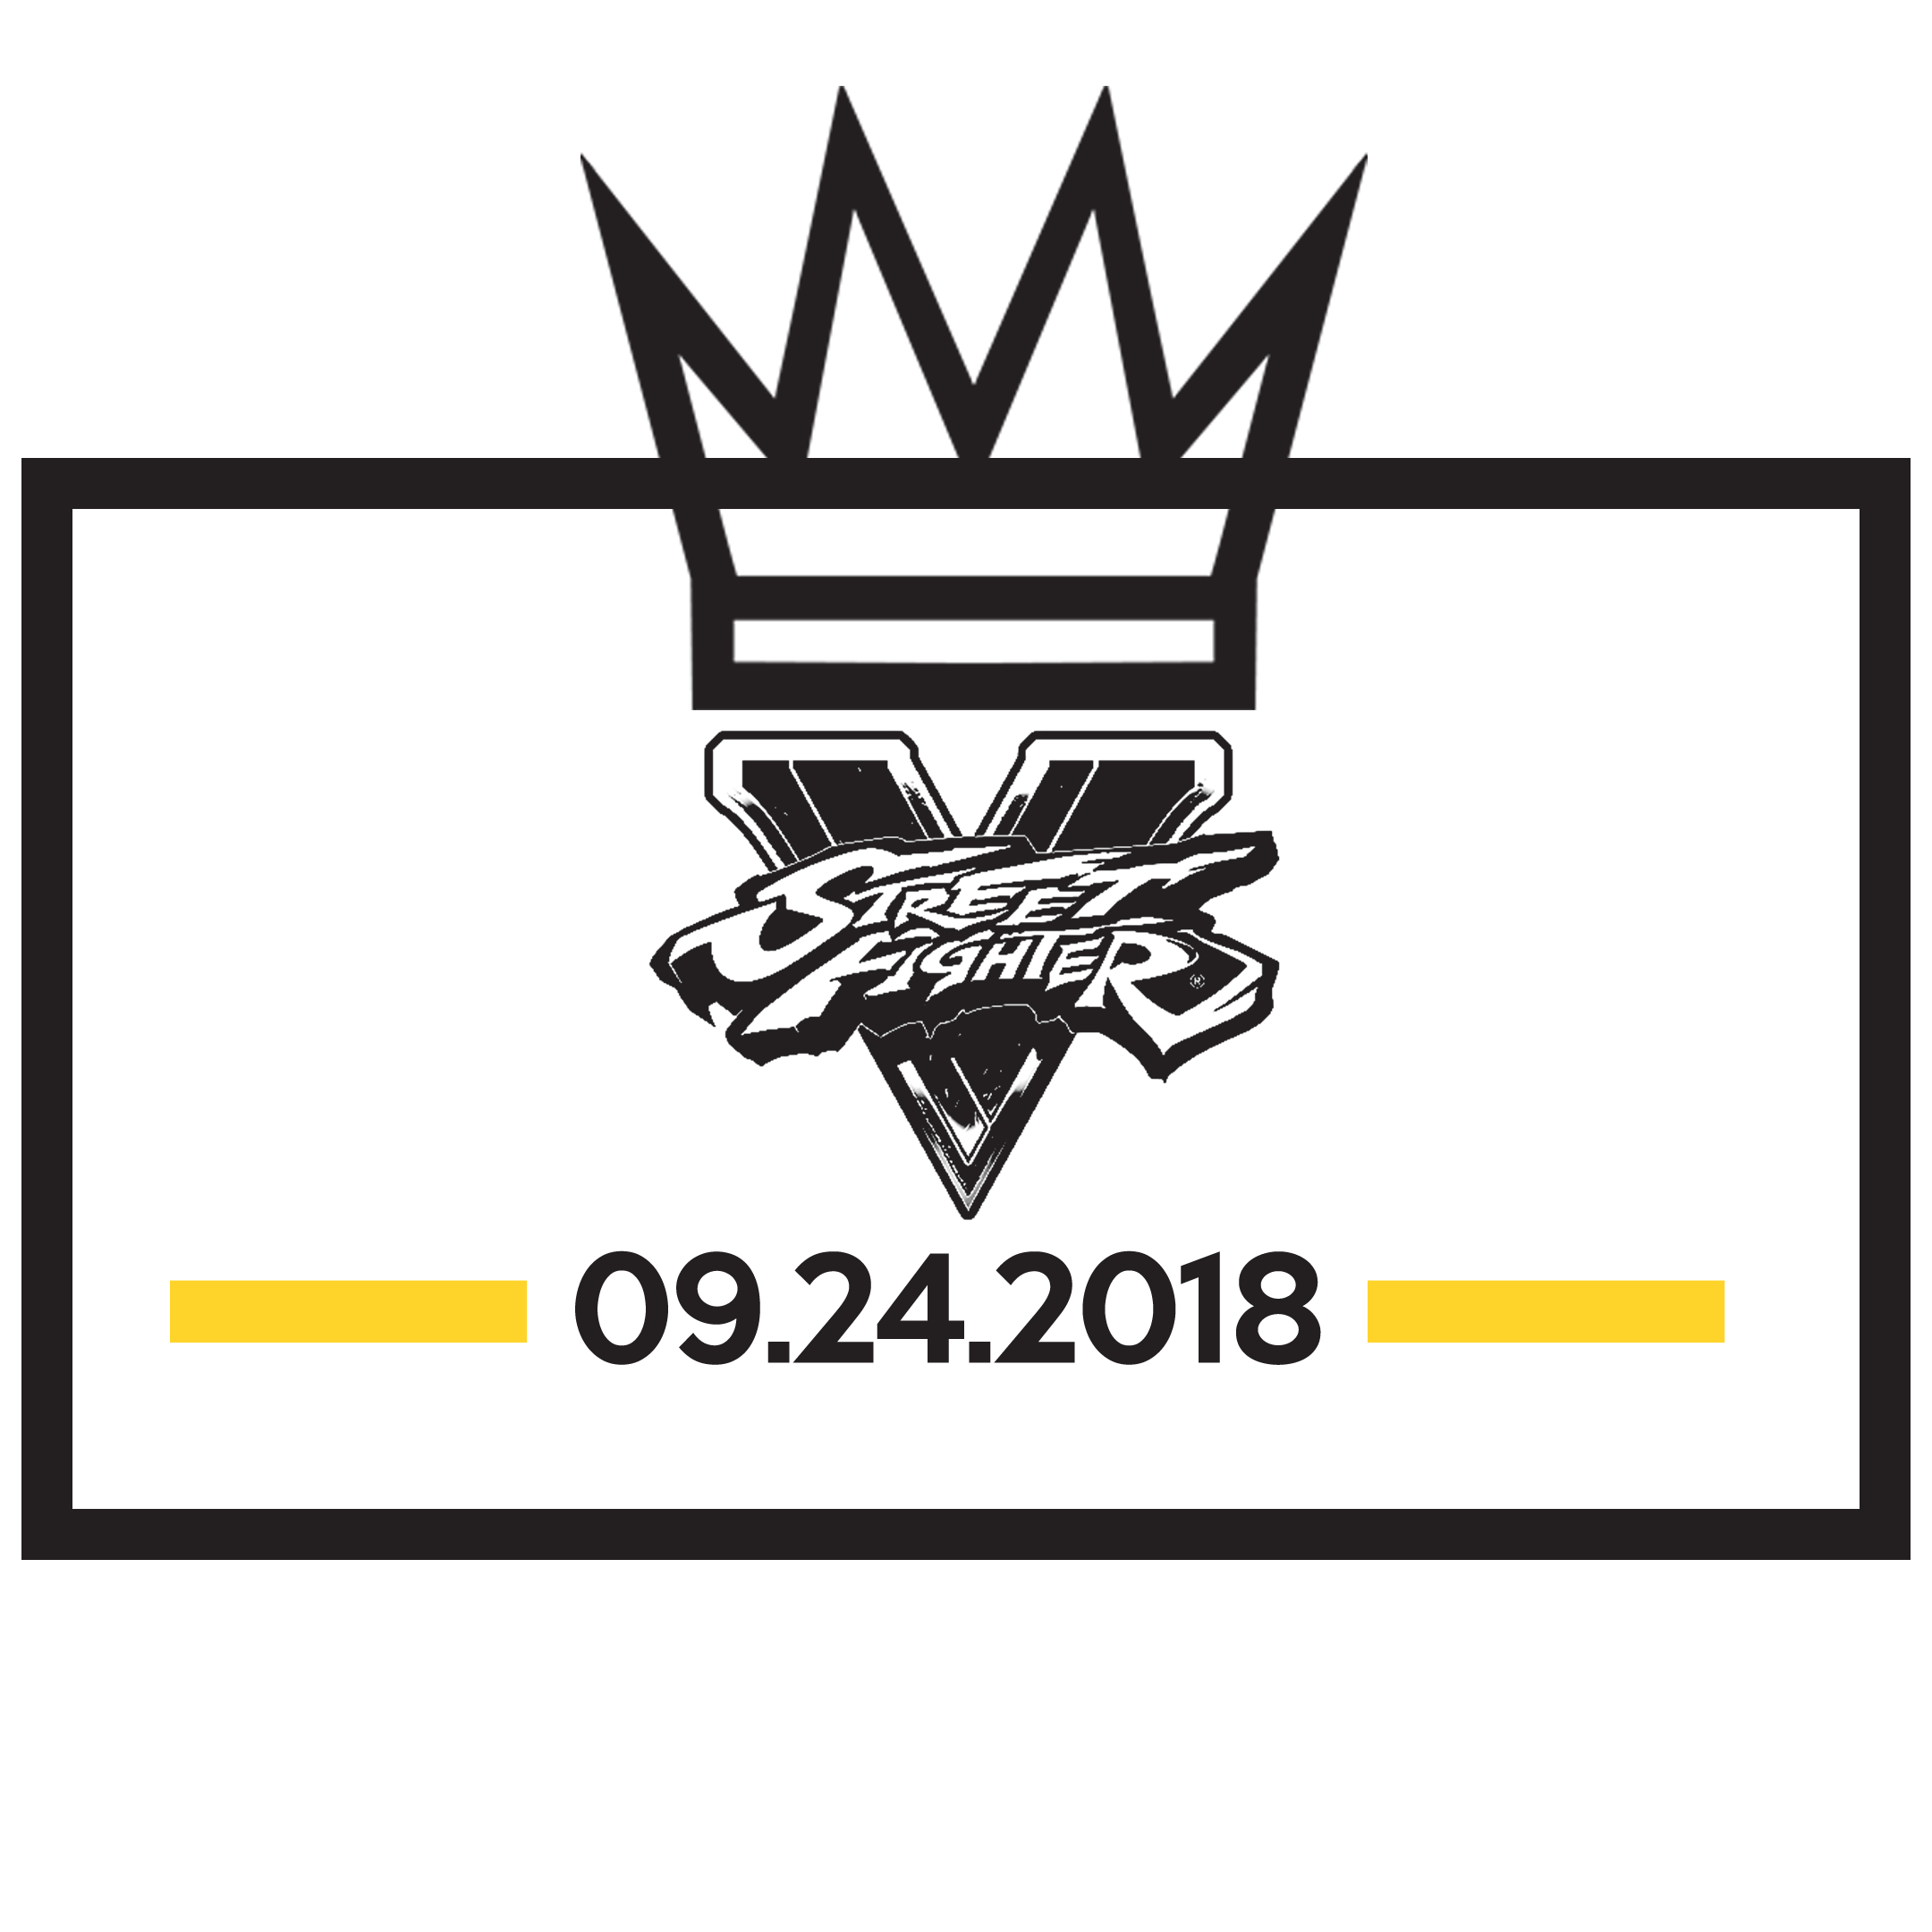 2018 Street Fighter V - Tournament Winner